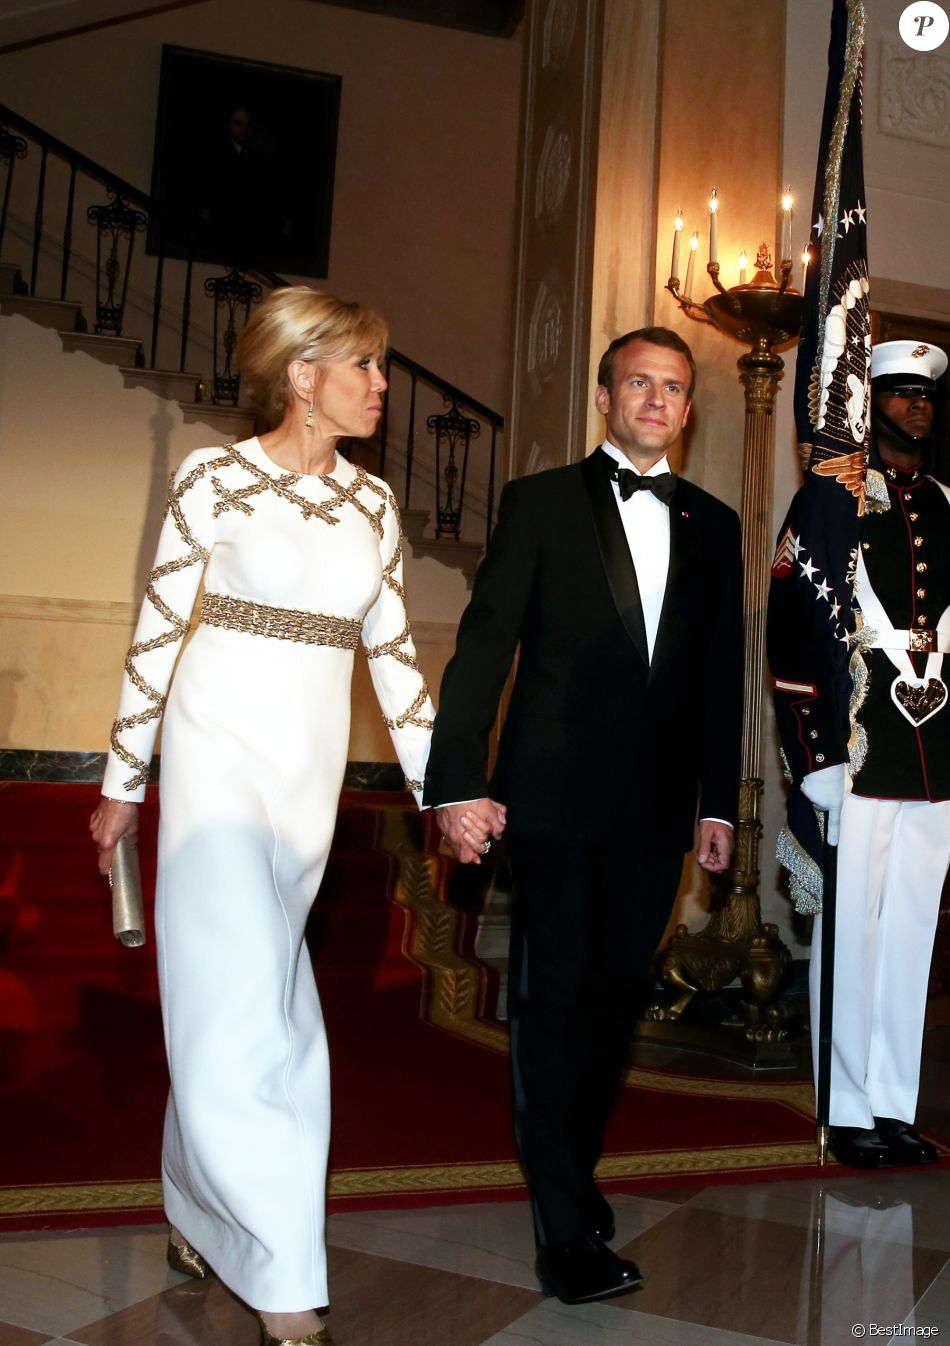 Le président de la république française emmanuel macron et sa femme la première dame brigitte macron